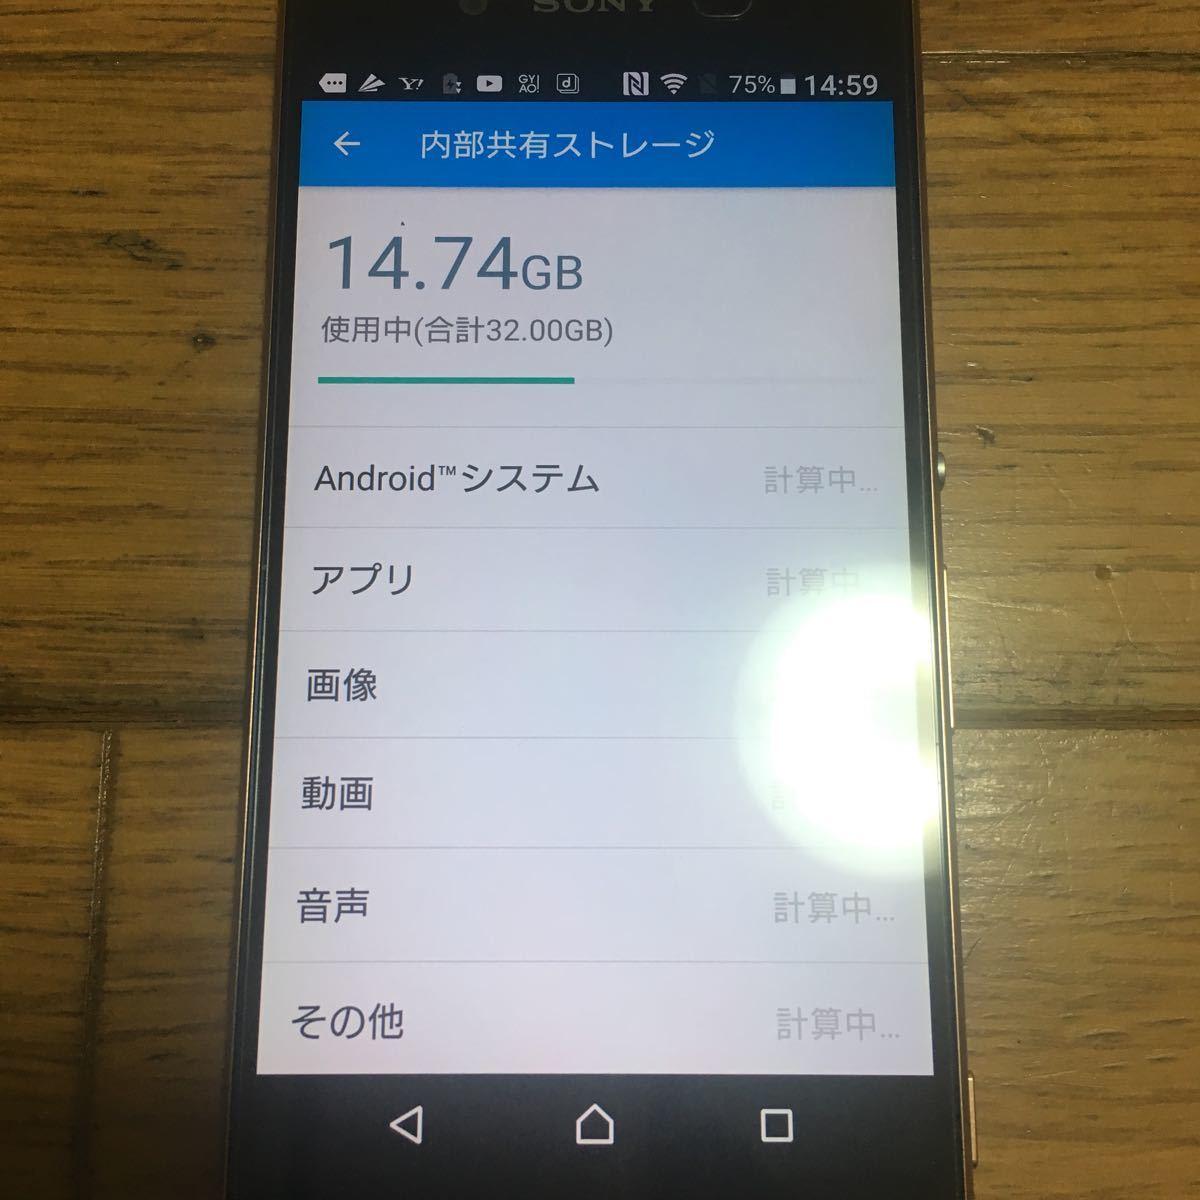 SONY エクスペディアZ4 SO-03G ドコモ アンドロイド7、0 バッテリー新品 SD128G オマケです(^O^)_画像5